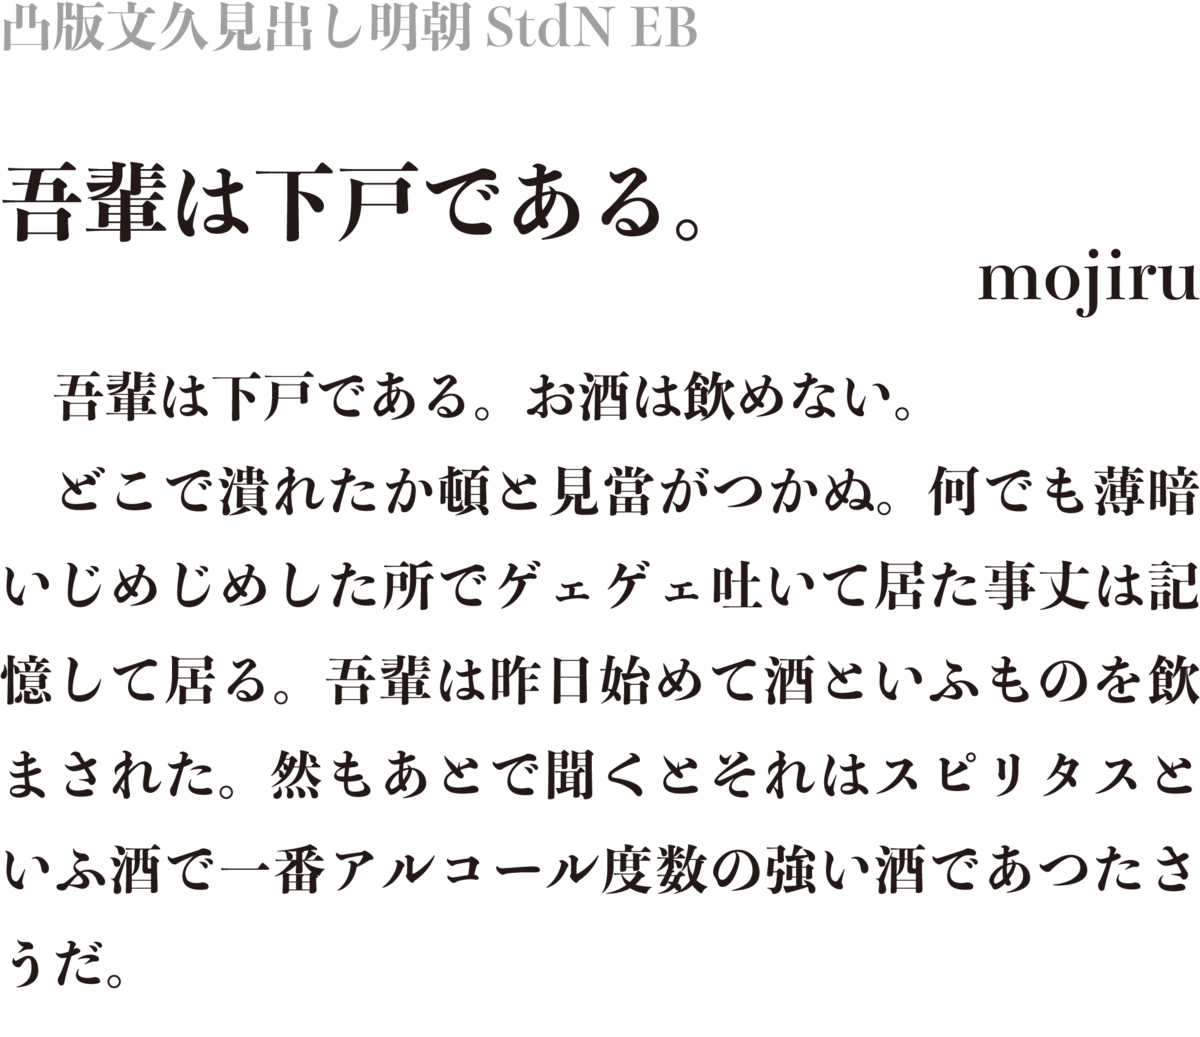 f:id:mojiru:20190410102256p:plain